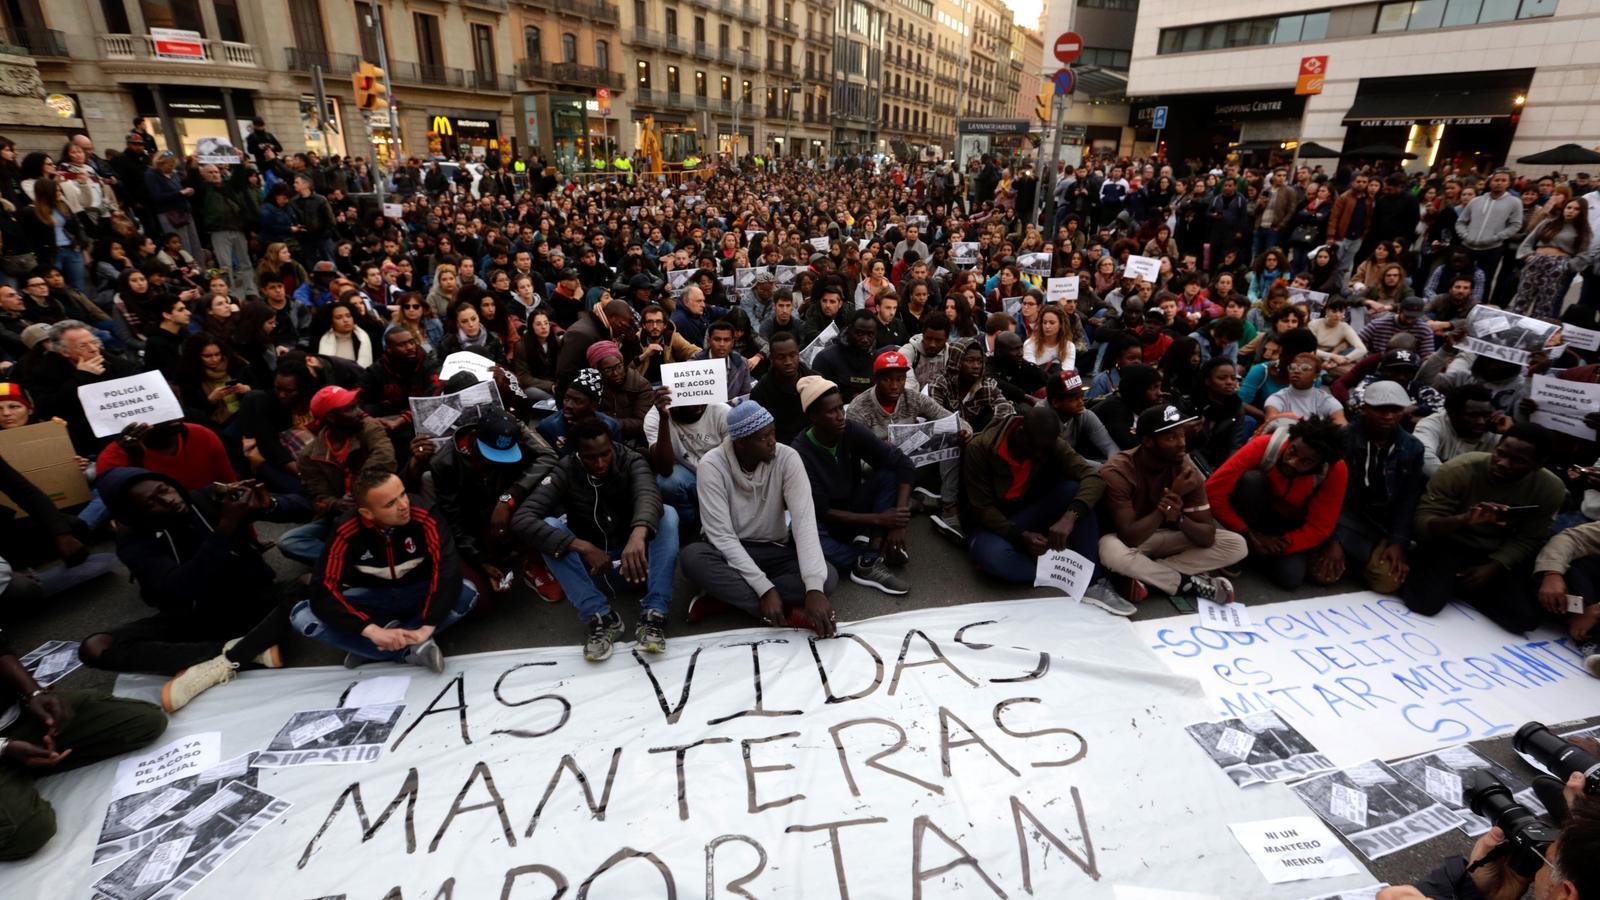 Els manters de Barcelona es mobilitzen en solidaritat pel company mort a Madrid